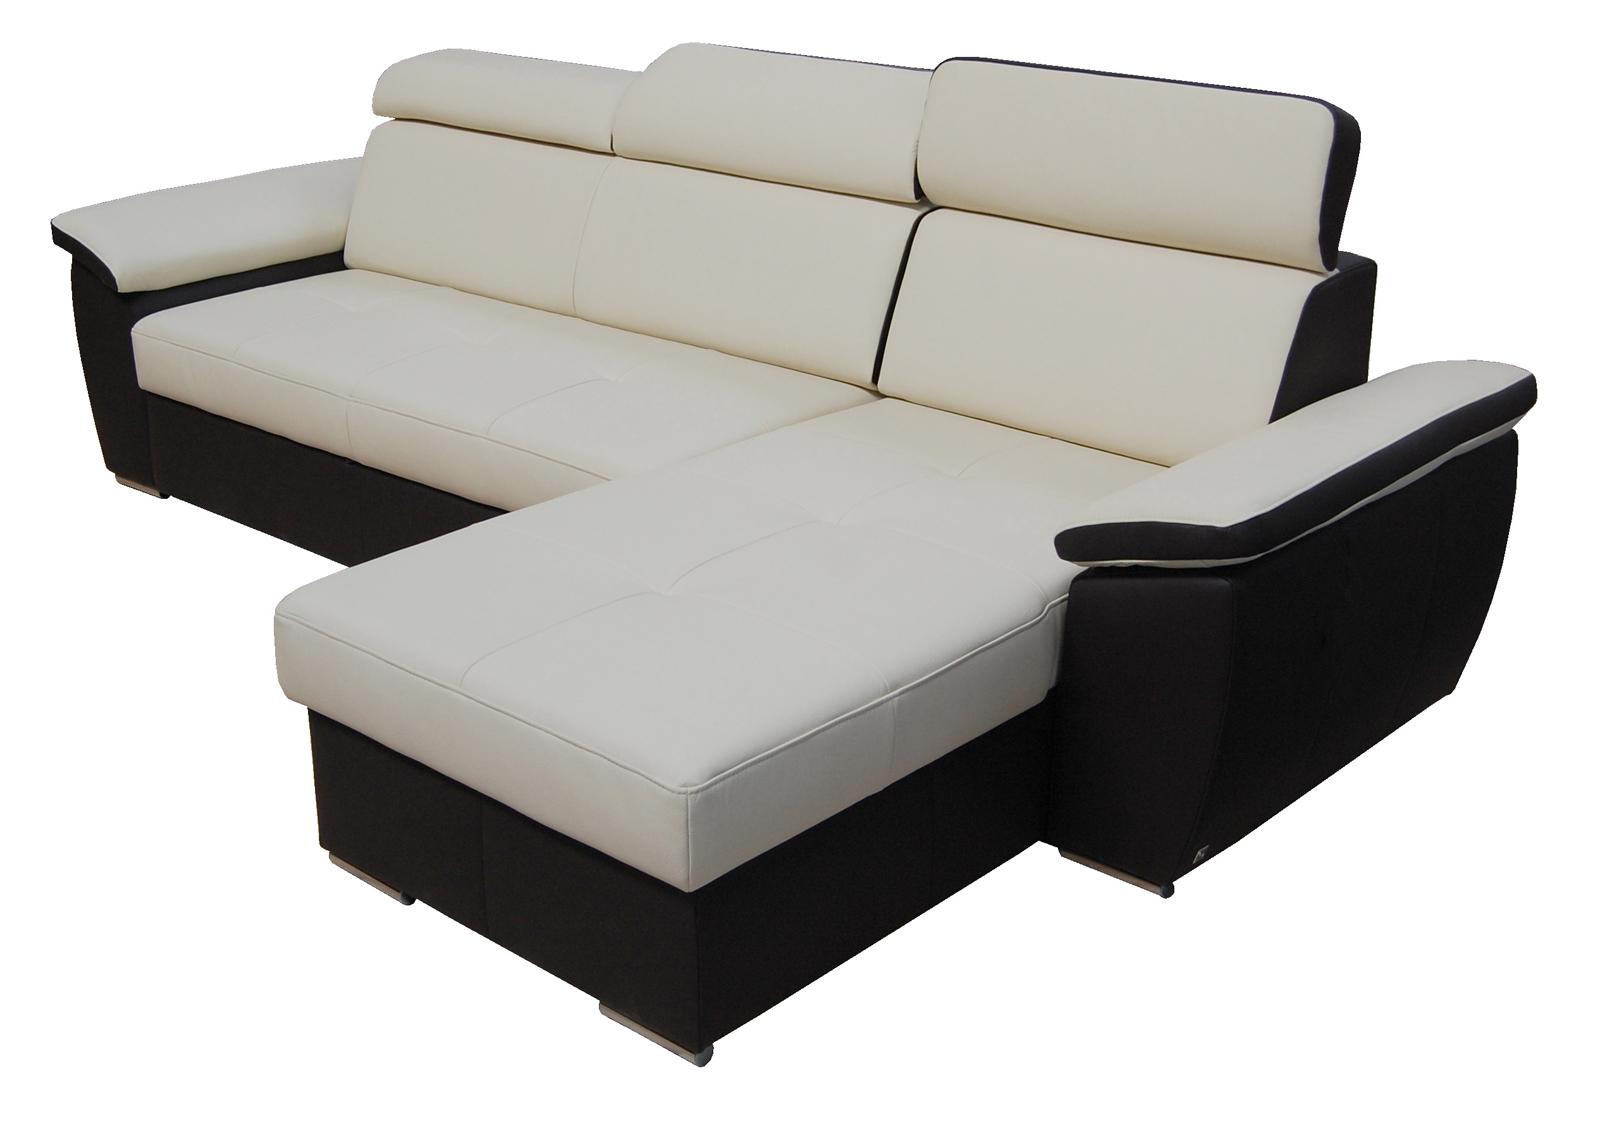 Kožená rohová sedačka - BRW - FX 15 B8 béžovohnedá (P)